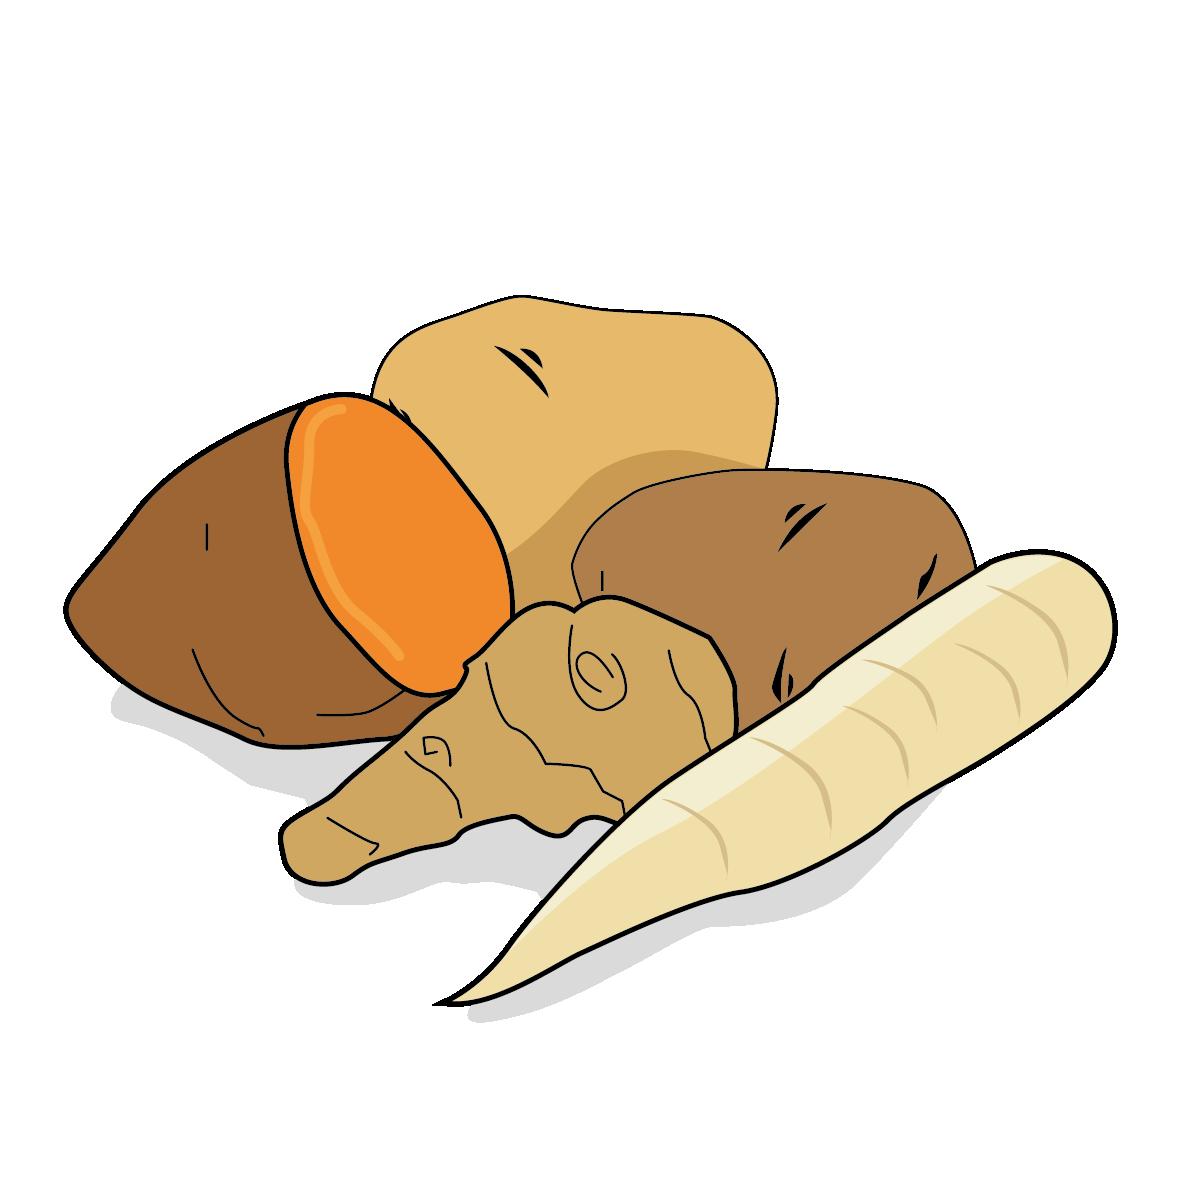 Icone d'un panais, ailmacocotte.com